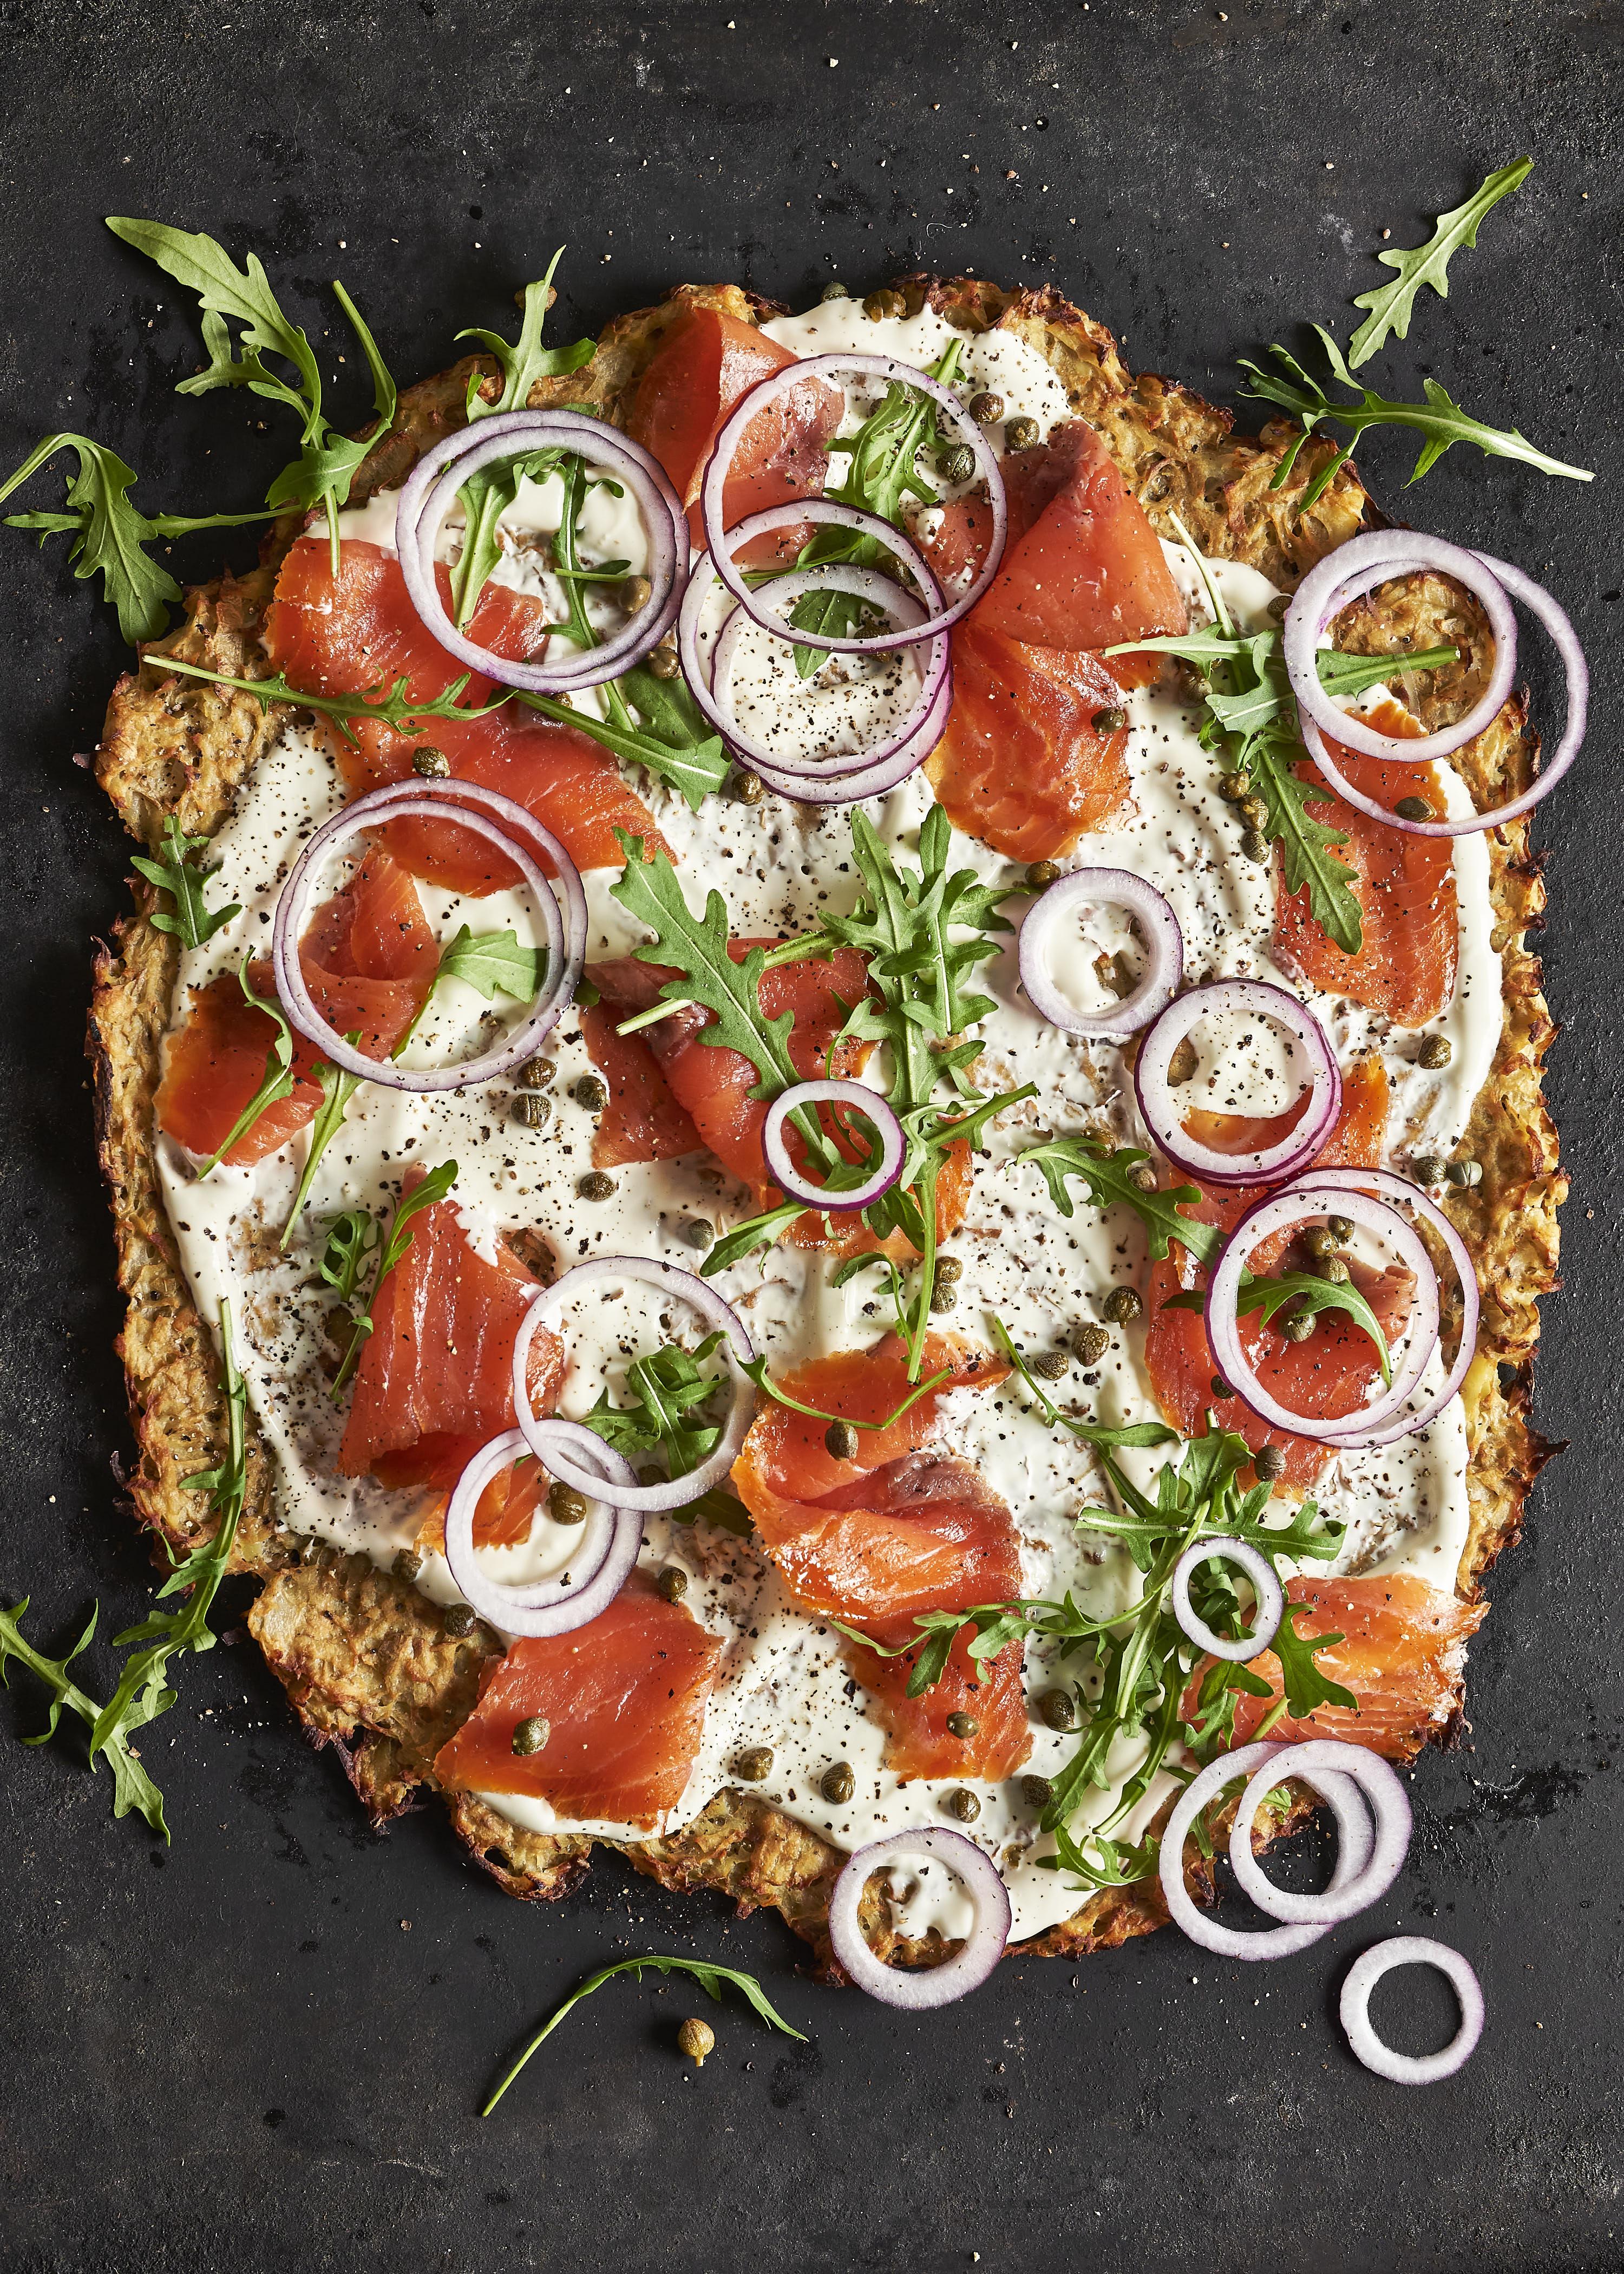 röstipizza